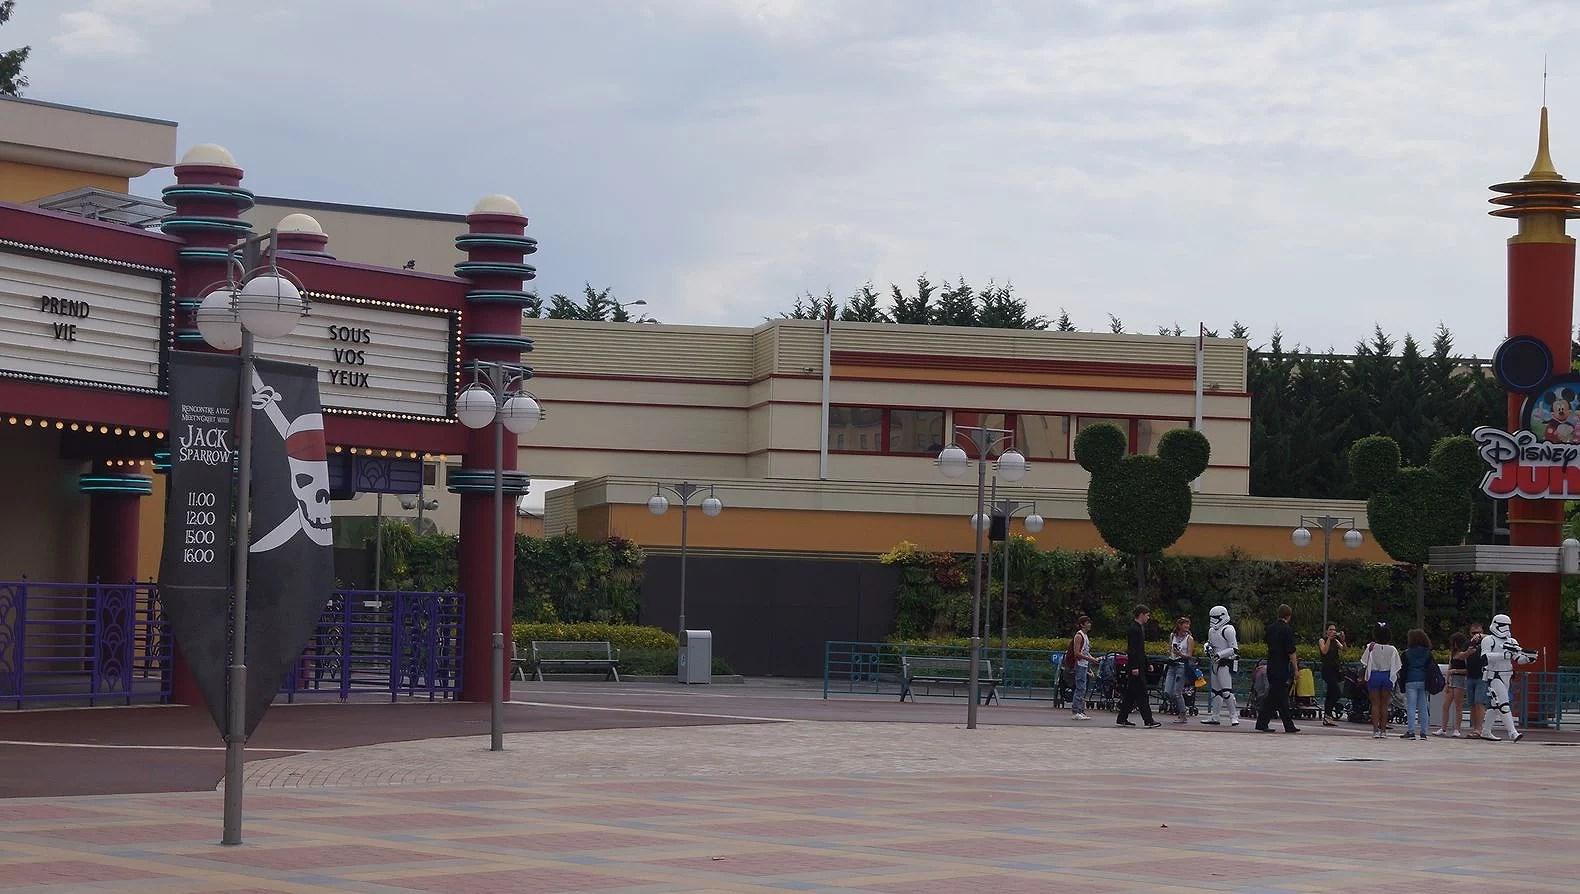 Stängda attraktioner på Disneyland Paris under Oktober - December 2017 på Disneyland Paris